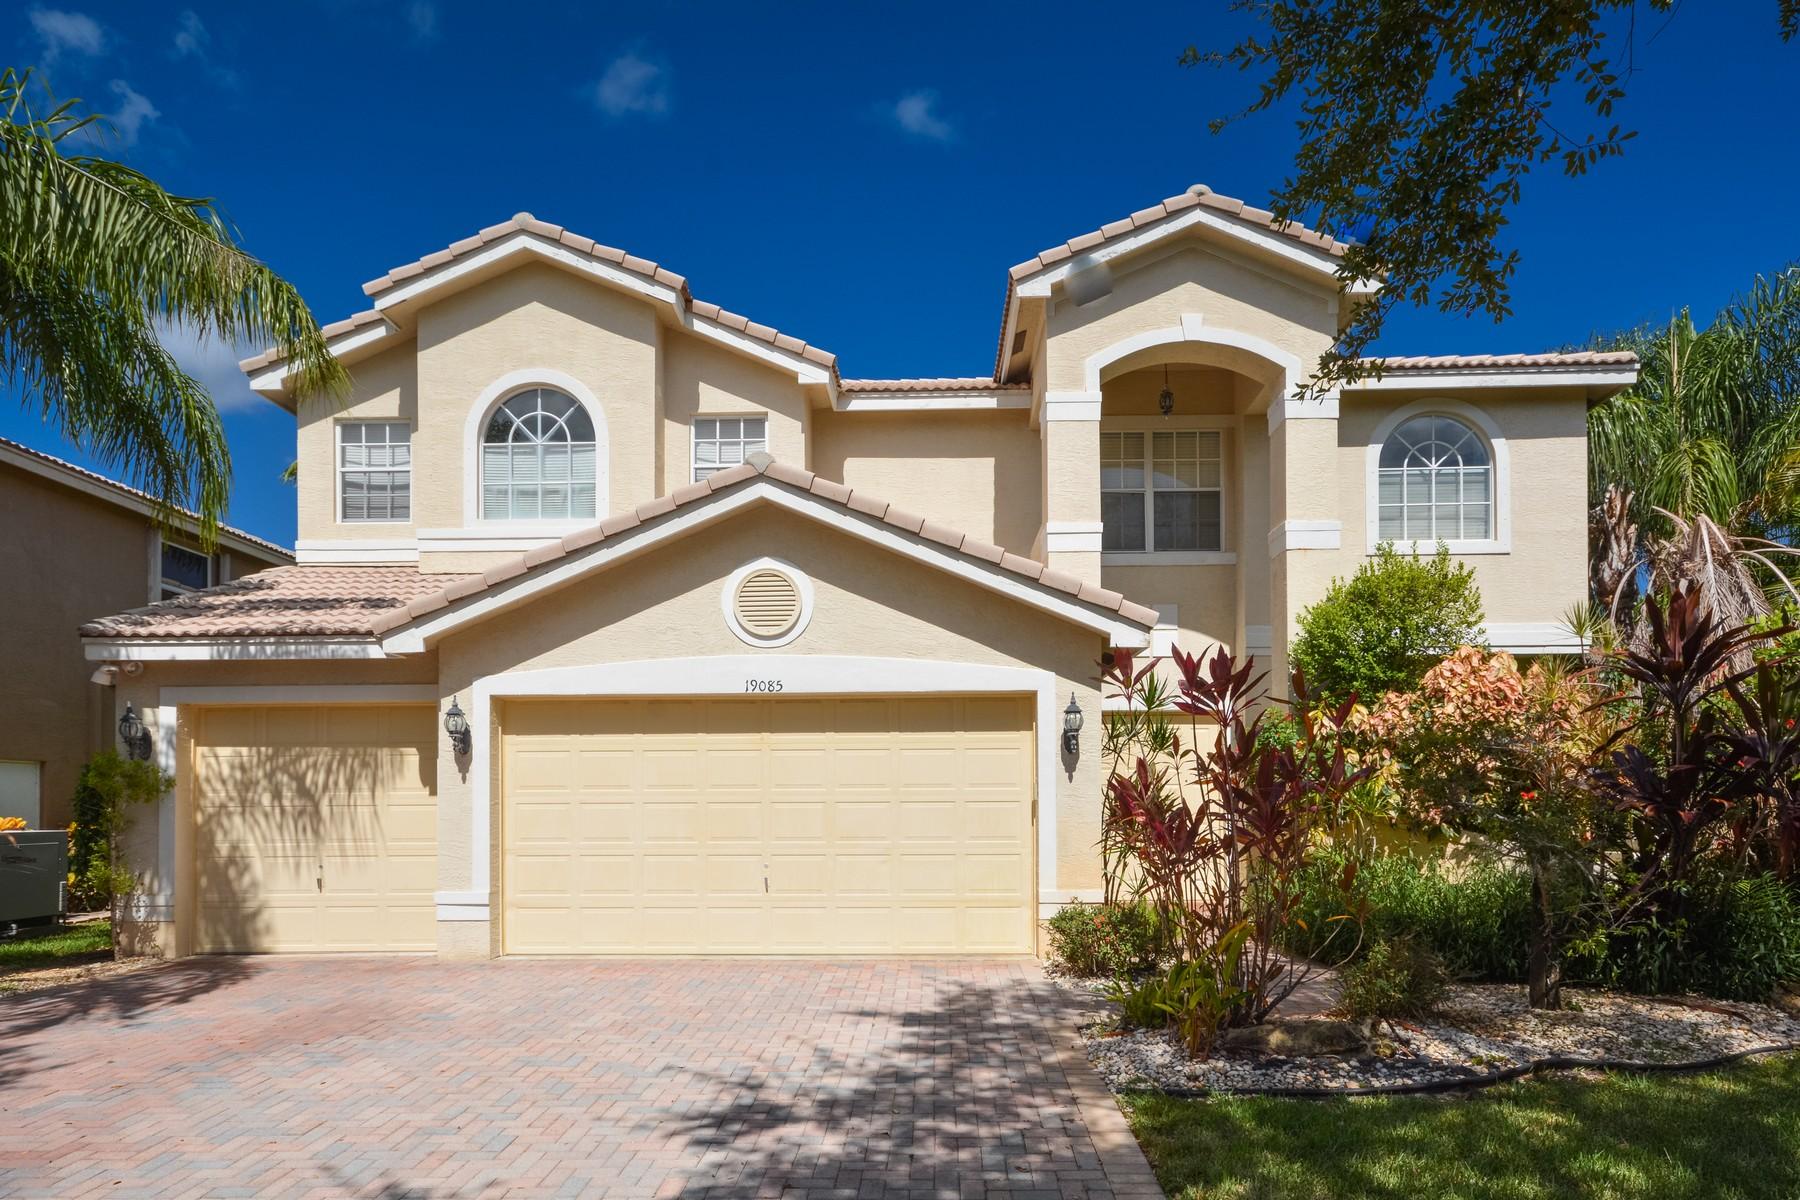 Maison unifamiliale pour l Vente à 19085 Streamside Ct , Boca Raton, FL 33498 19085 Streamside Ct Boca Raton, Florida, 33498 États-Unis